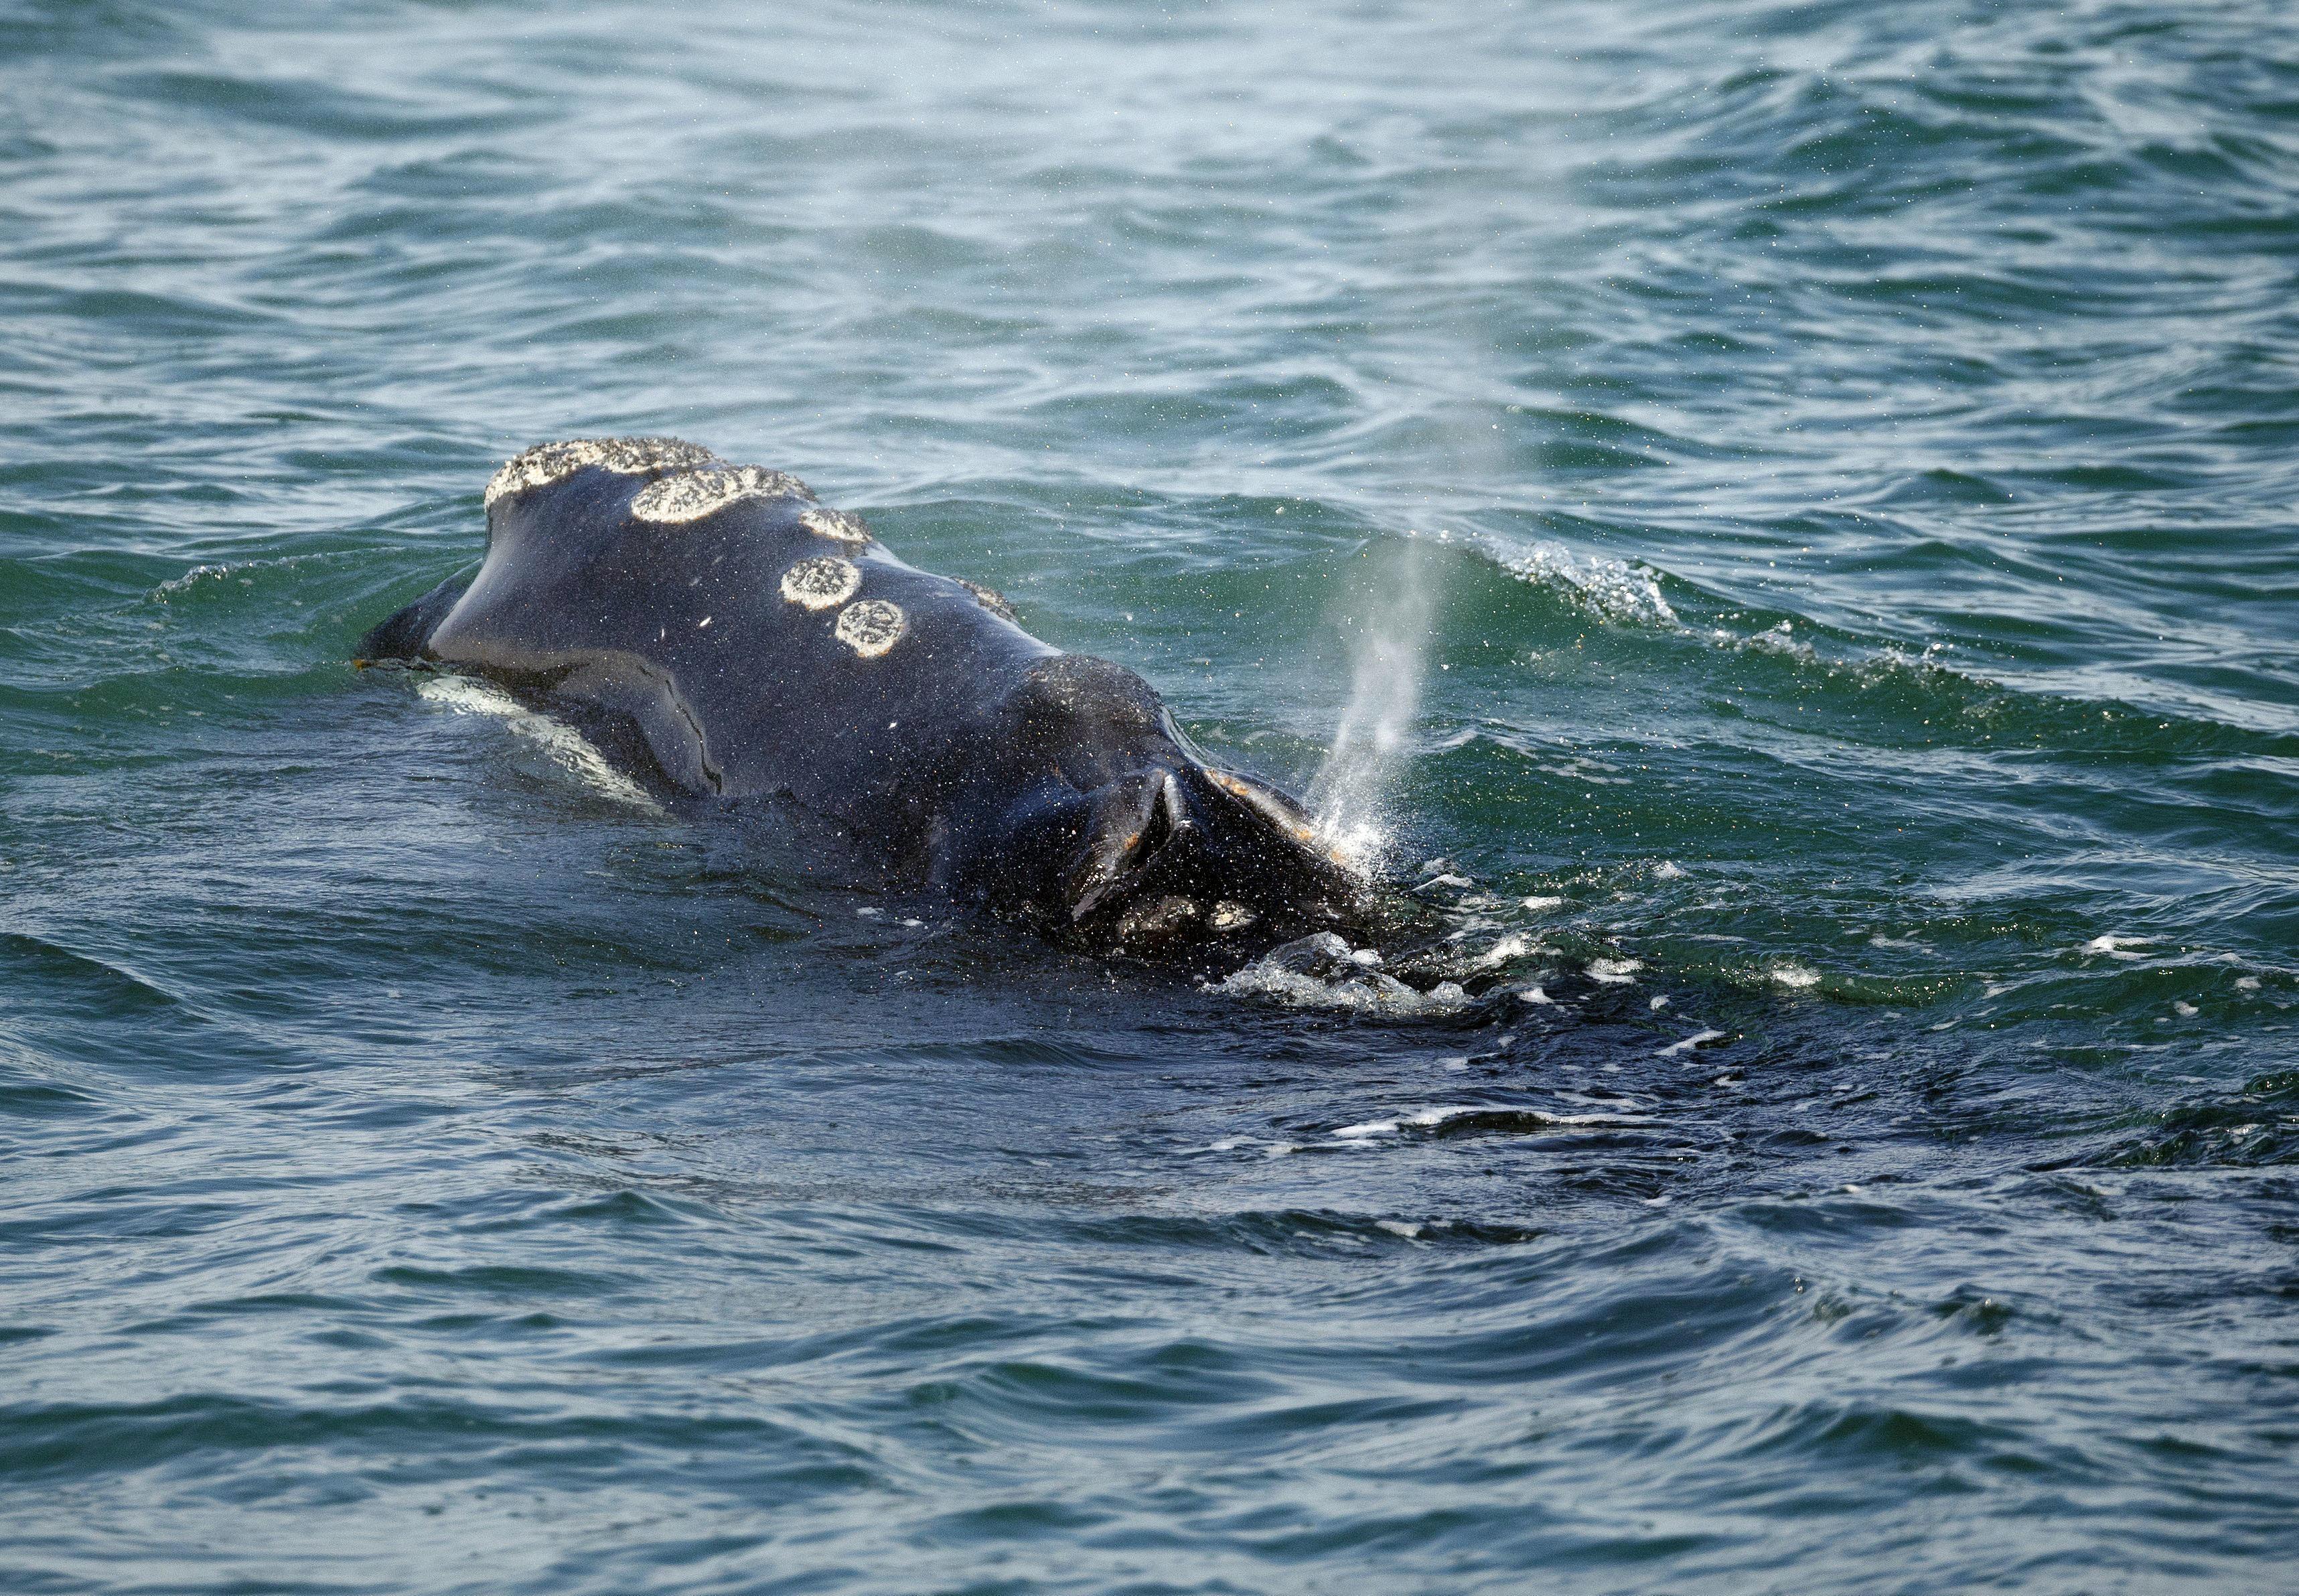 Экологи обнаружили первого за два года детеныша северного гладкого кита